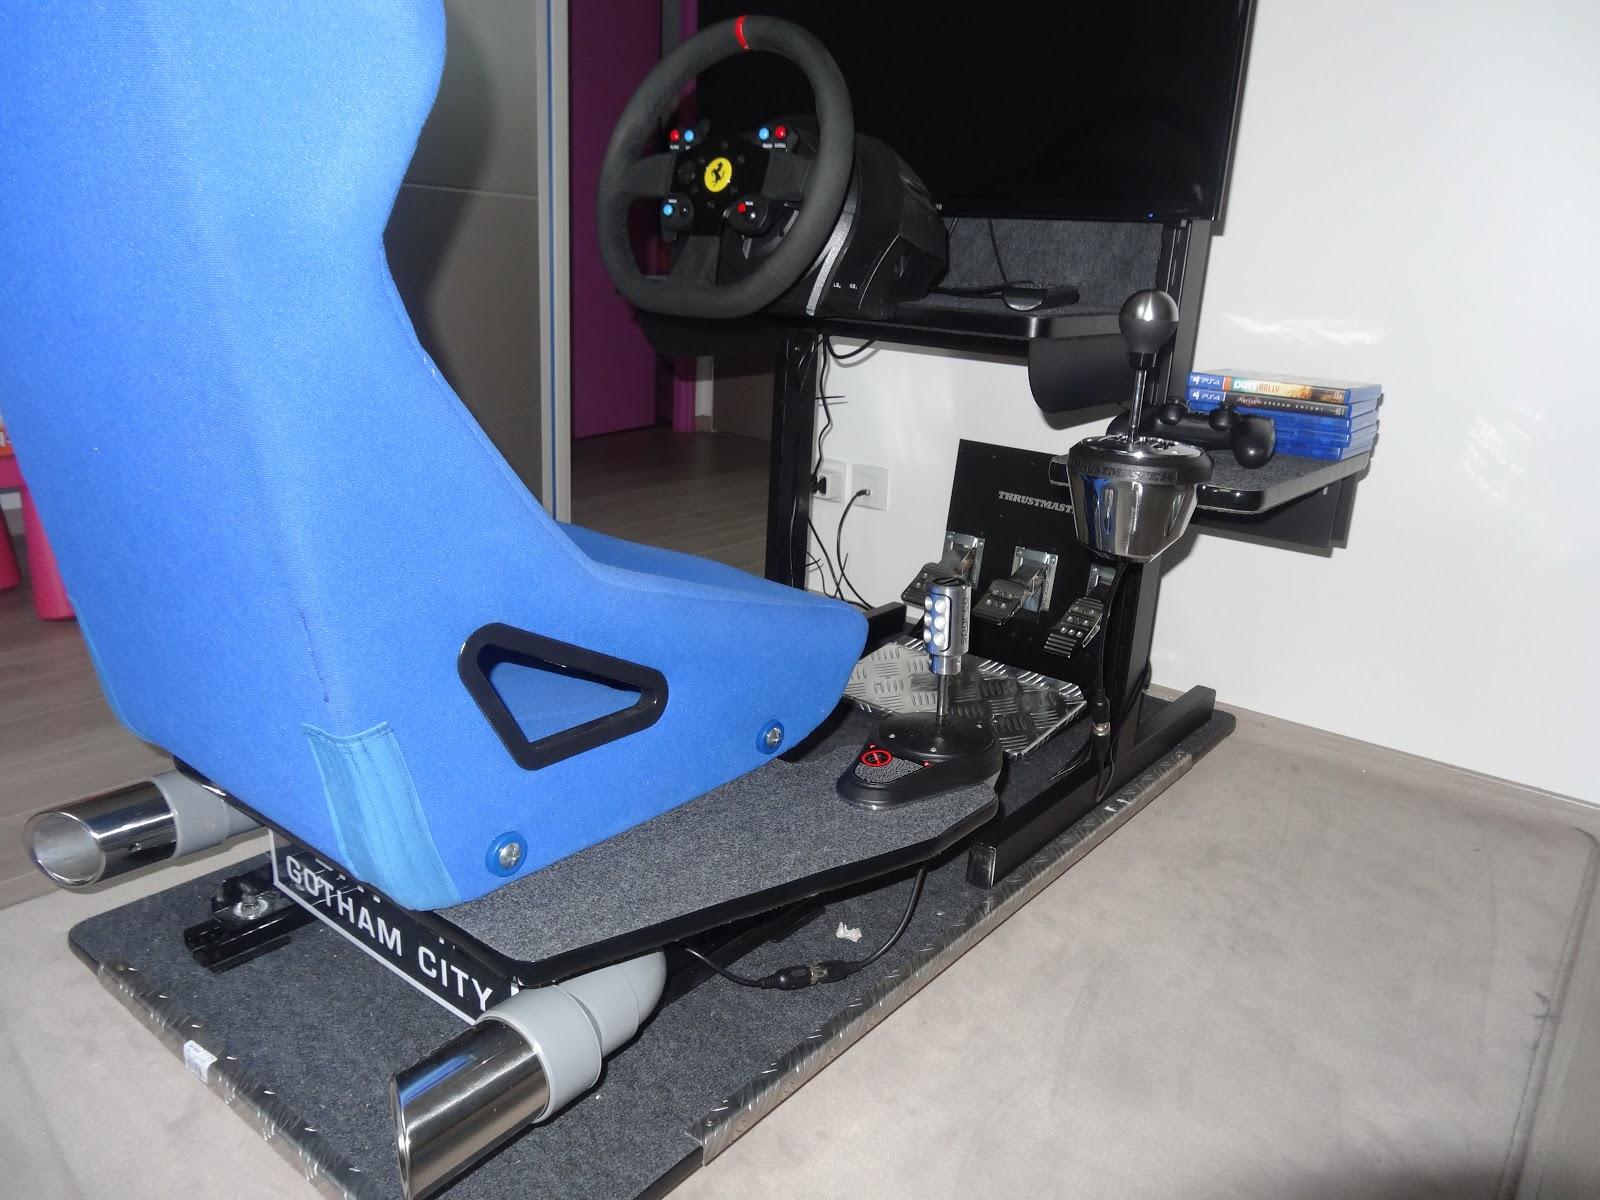 blog de vincent demaret racecab simulateur de conduite homemade. Black Bedroom Furniture Sets. Home Design Ideas